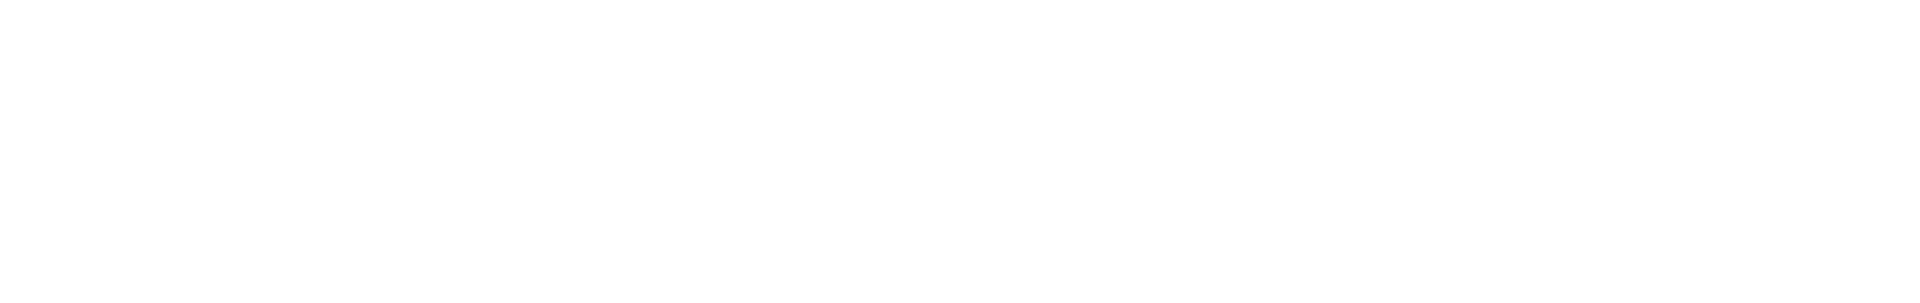 vin_visuals